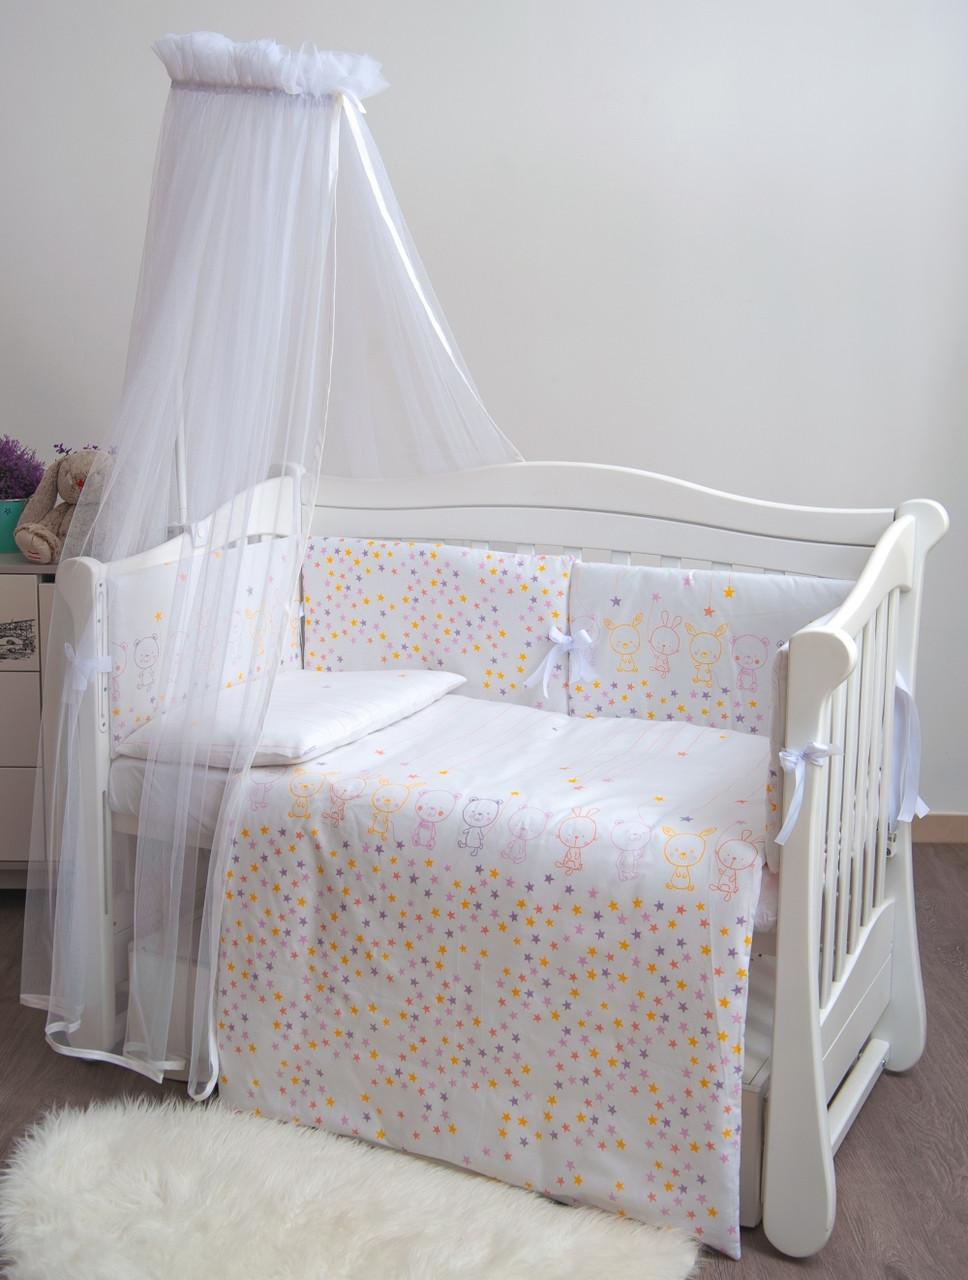 Детское постельное белье Twins Eco Line New E-023 Bunnies beige 6 эл